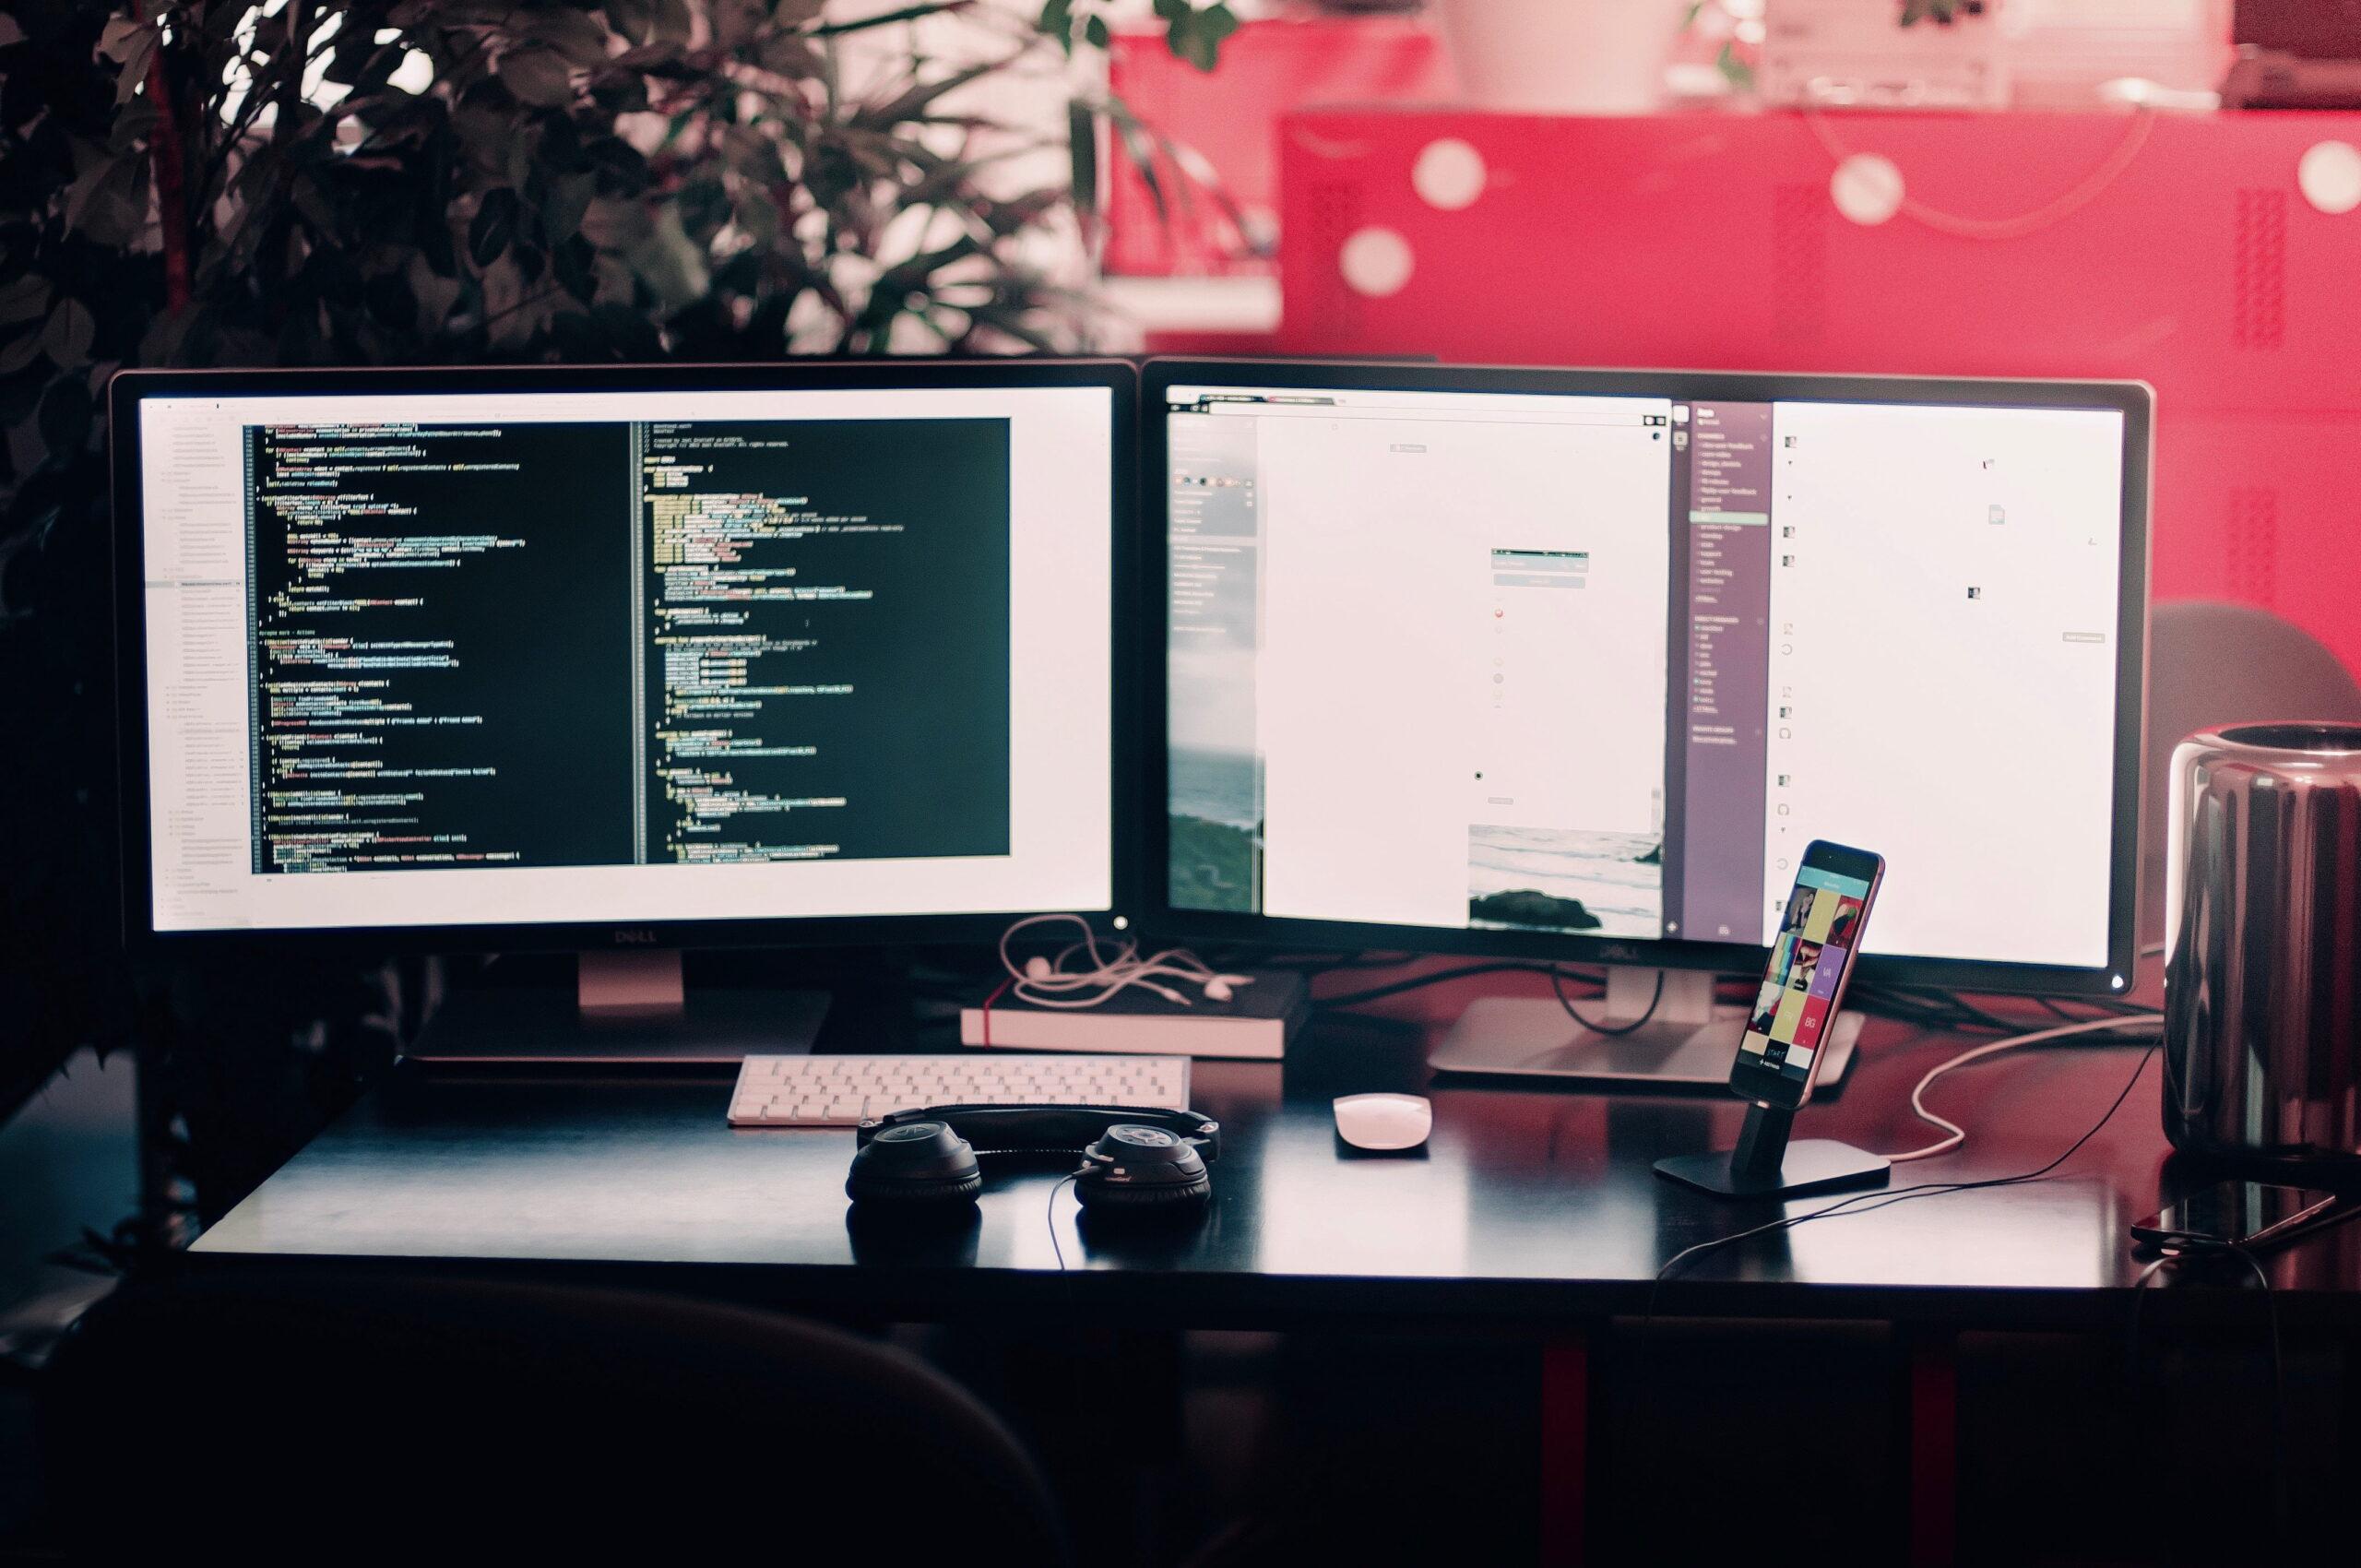 Krajowy System Cyberbezpieczeństwa - nowy projekt niedługo wejdzie w życie